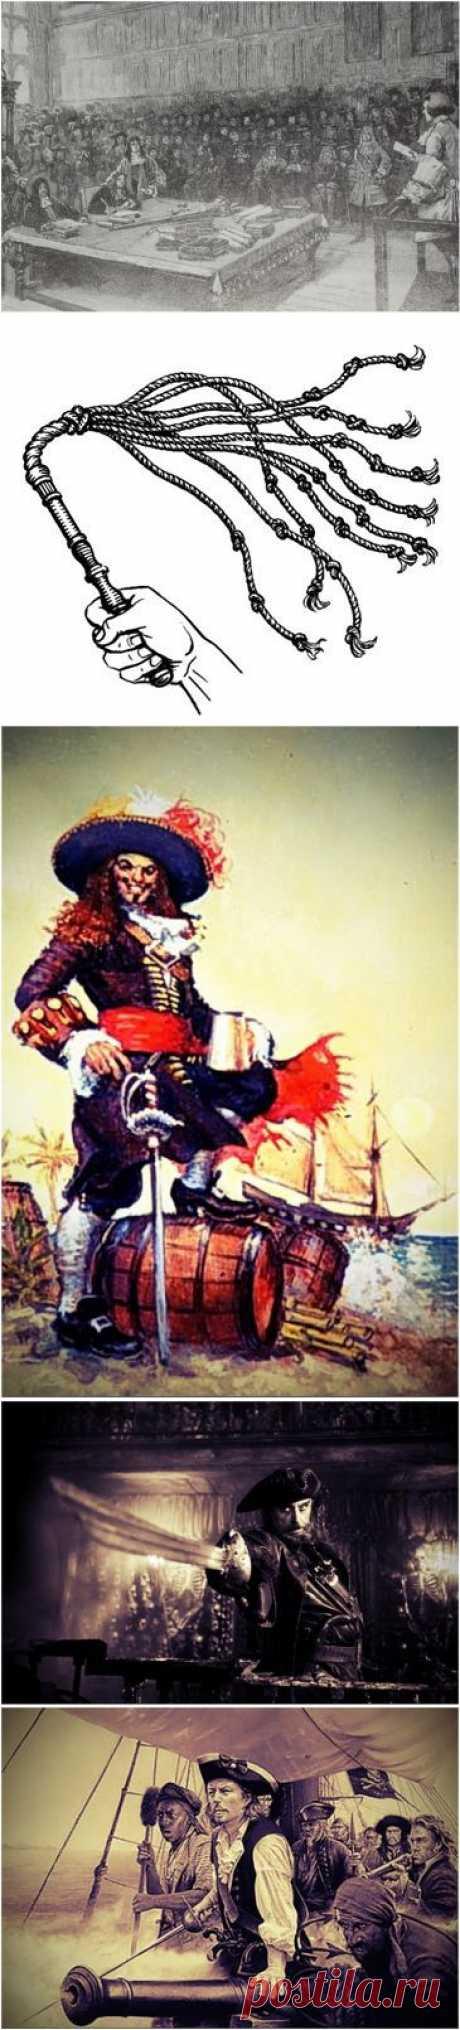 Пираты Вест-Индии и Индийского океана второй половины XVII — начала XVIII века (продолжение) » Военное обозрение